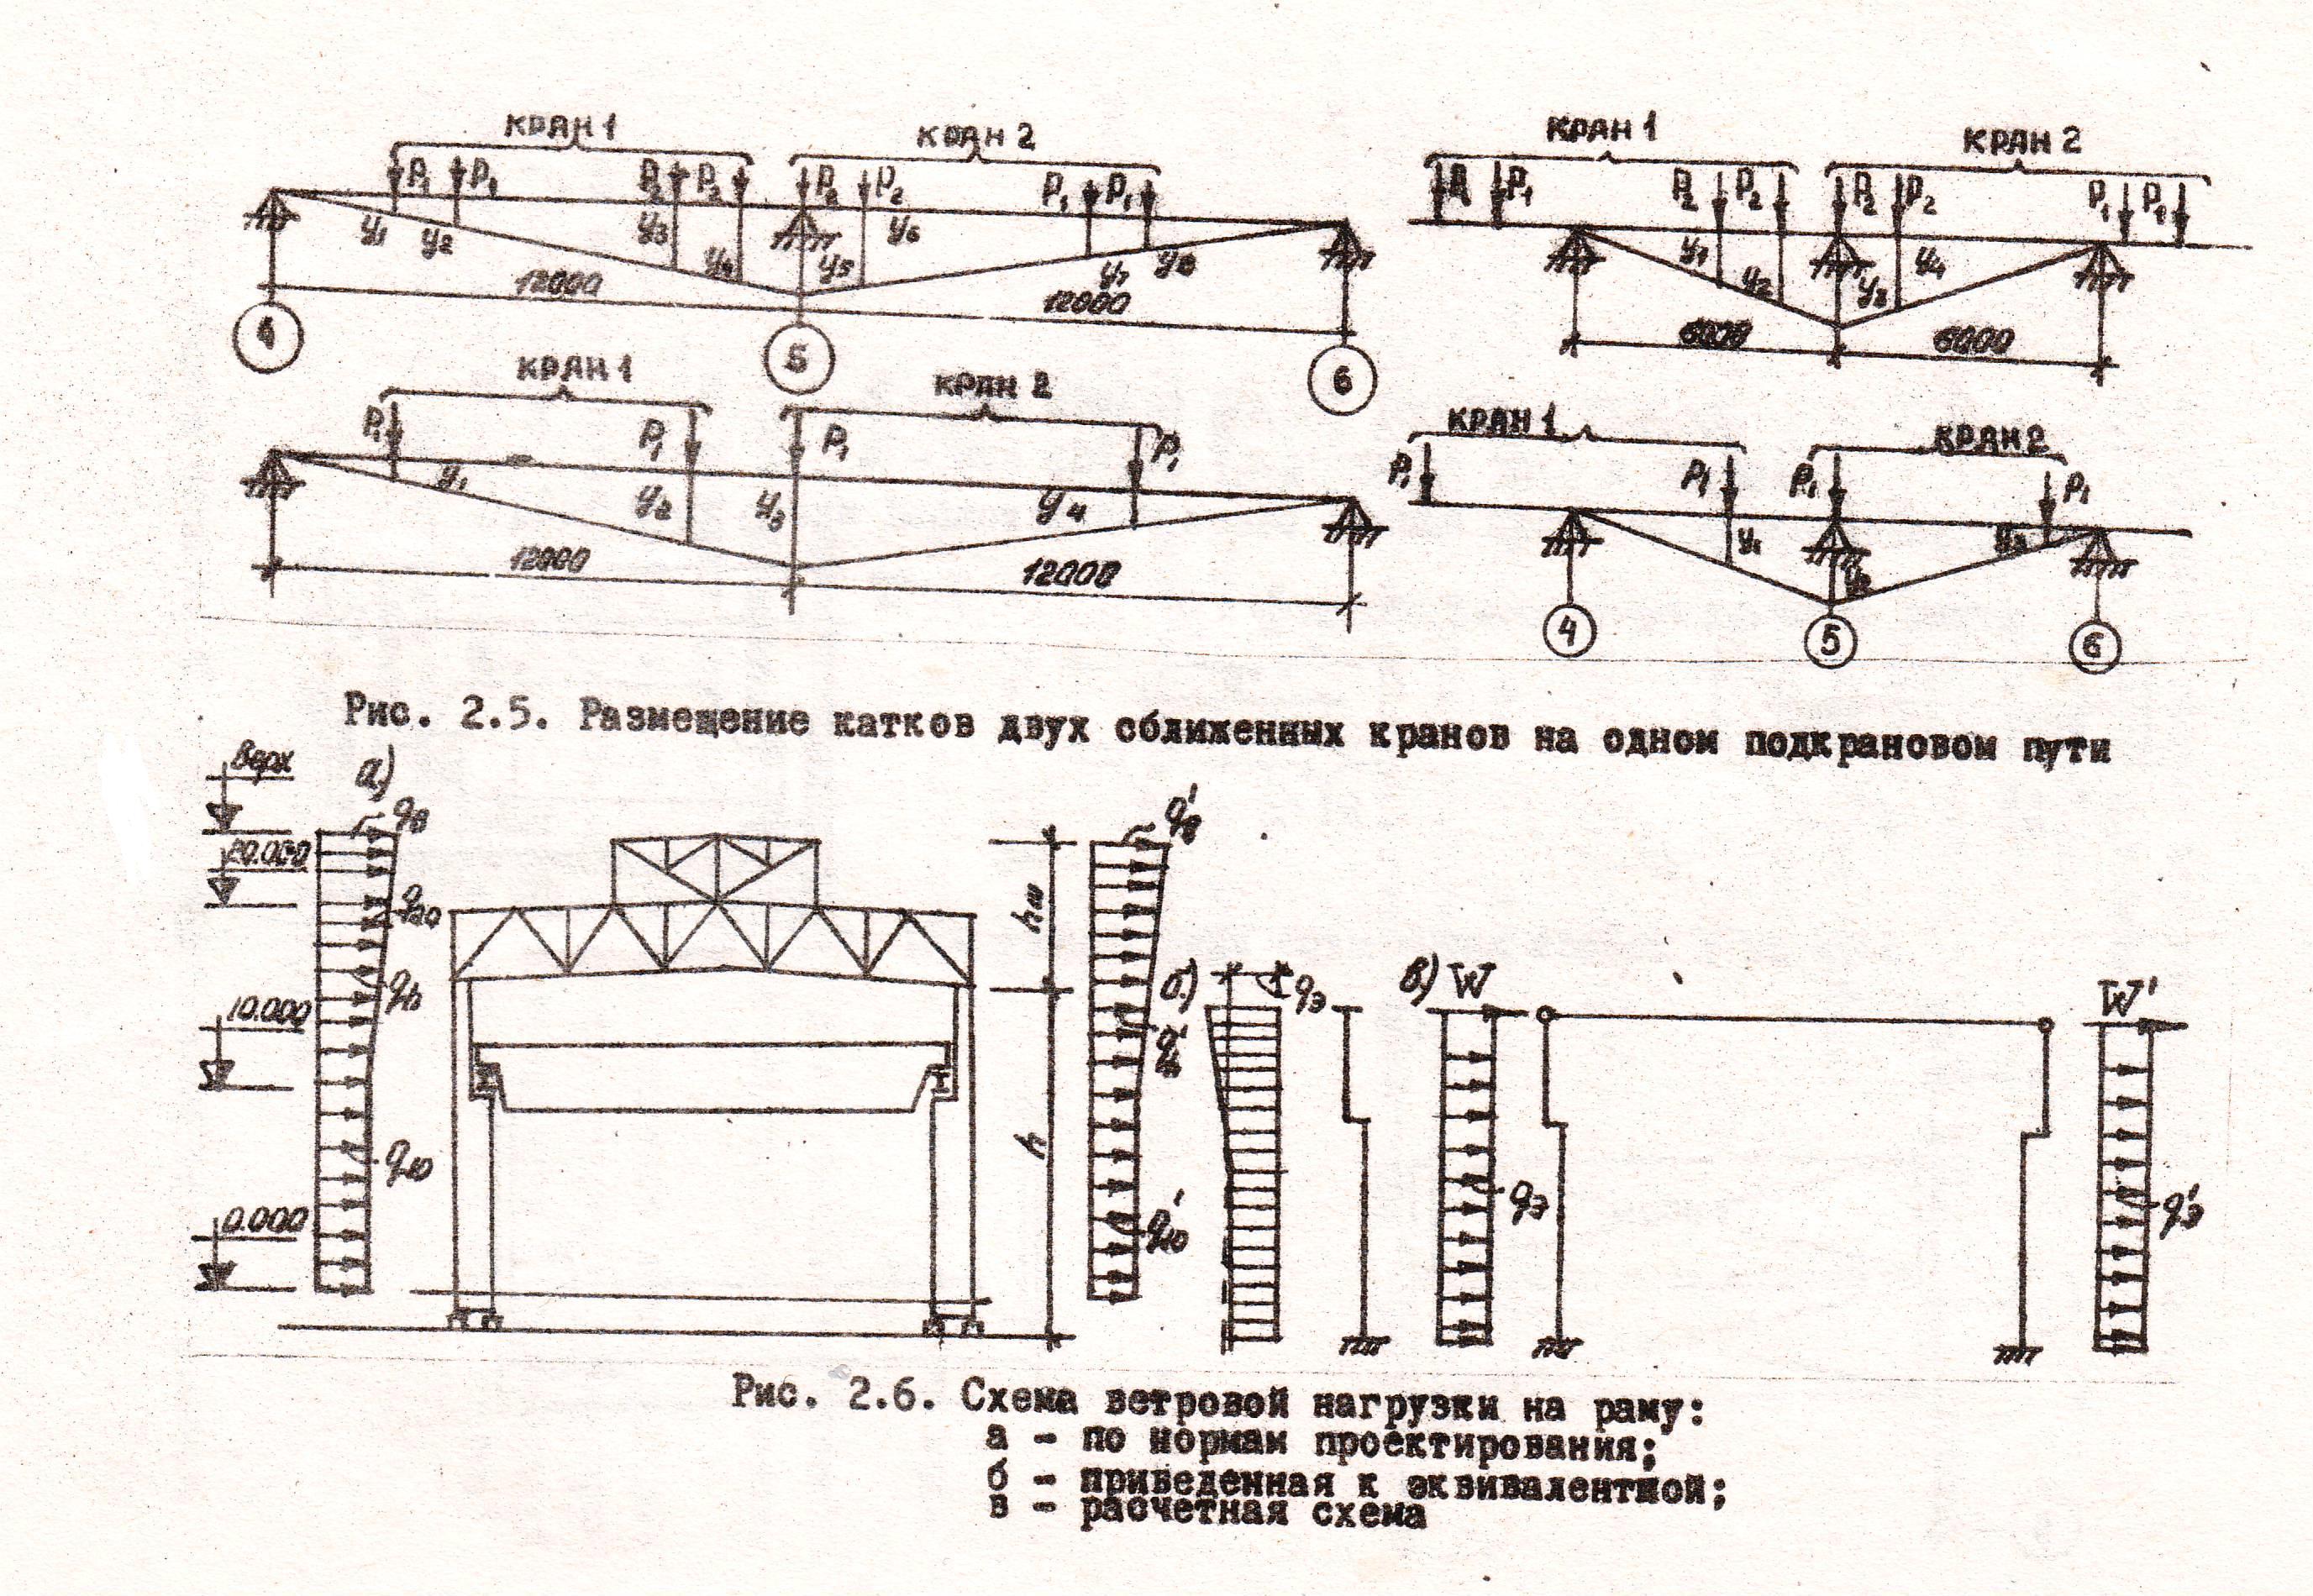 Схема ветровой нагрузки на раму